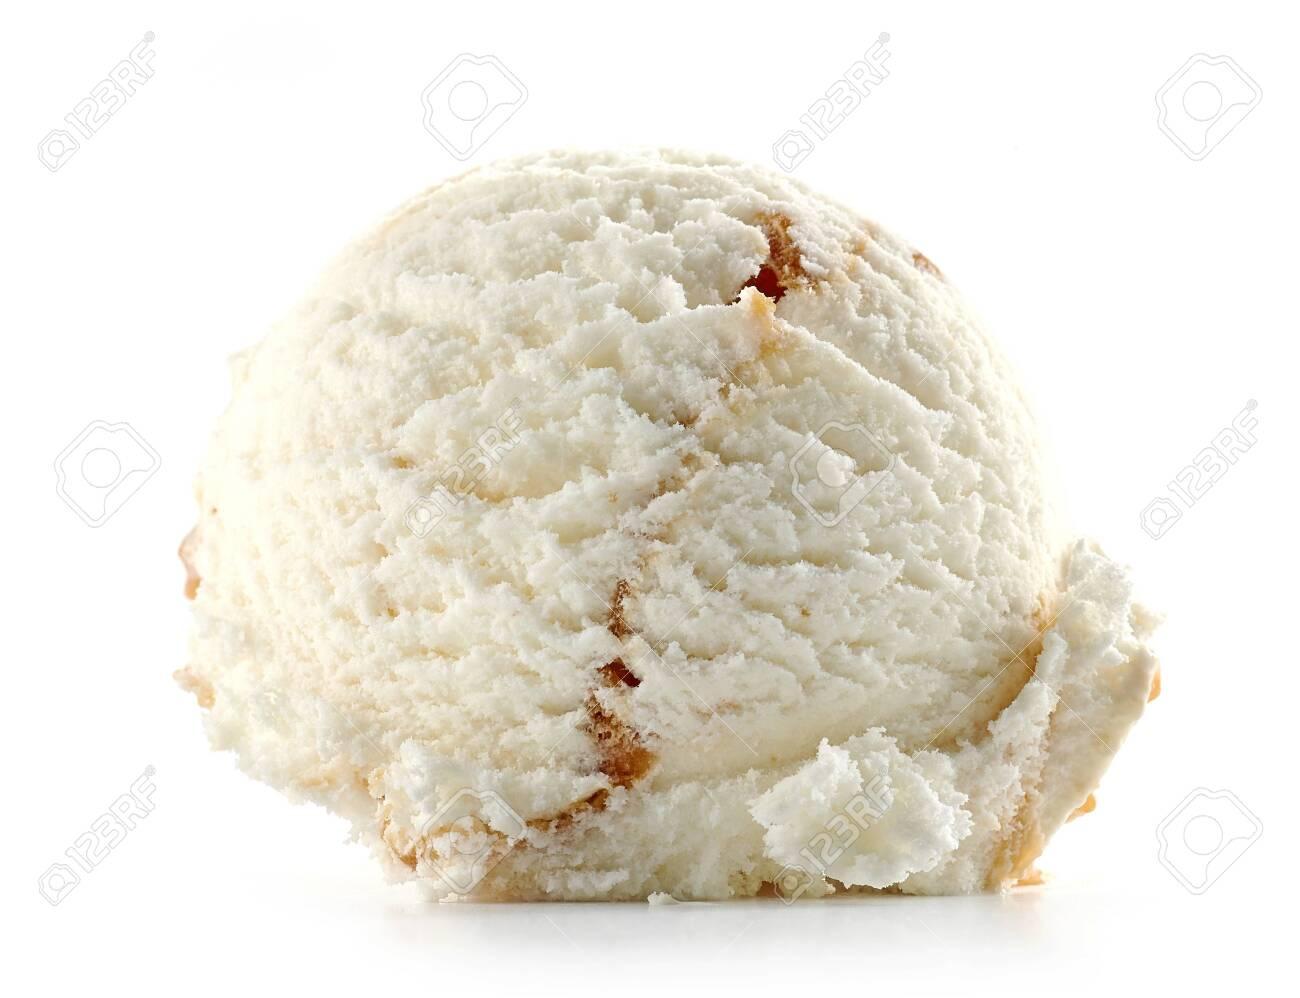 ice cream isolated on white background - 124227957